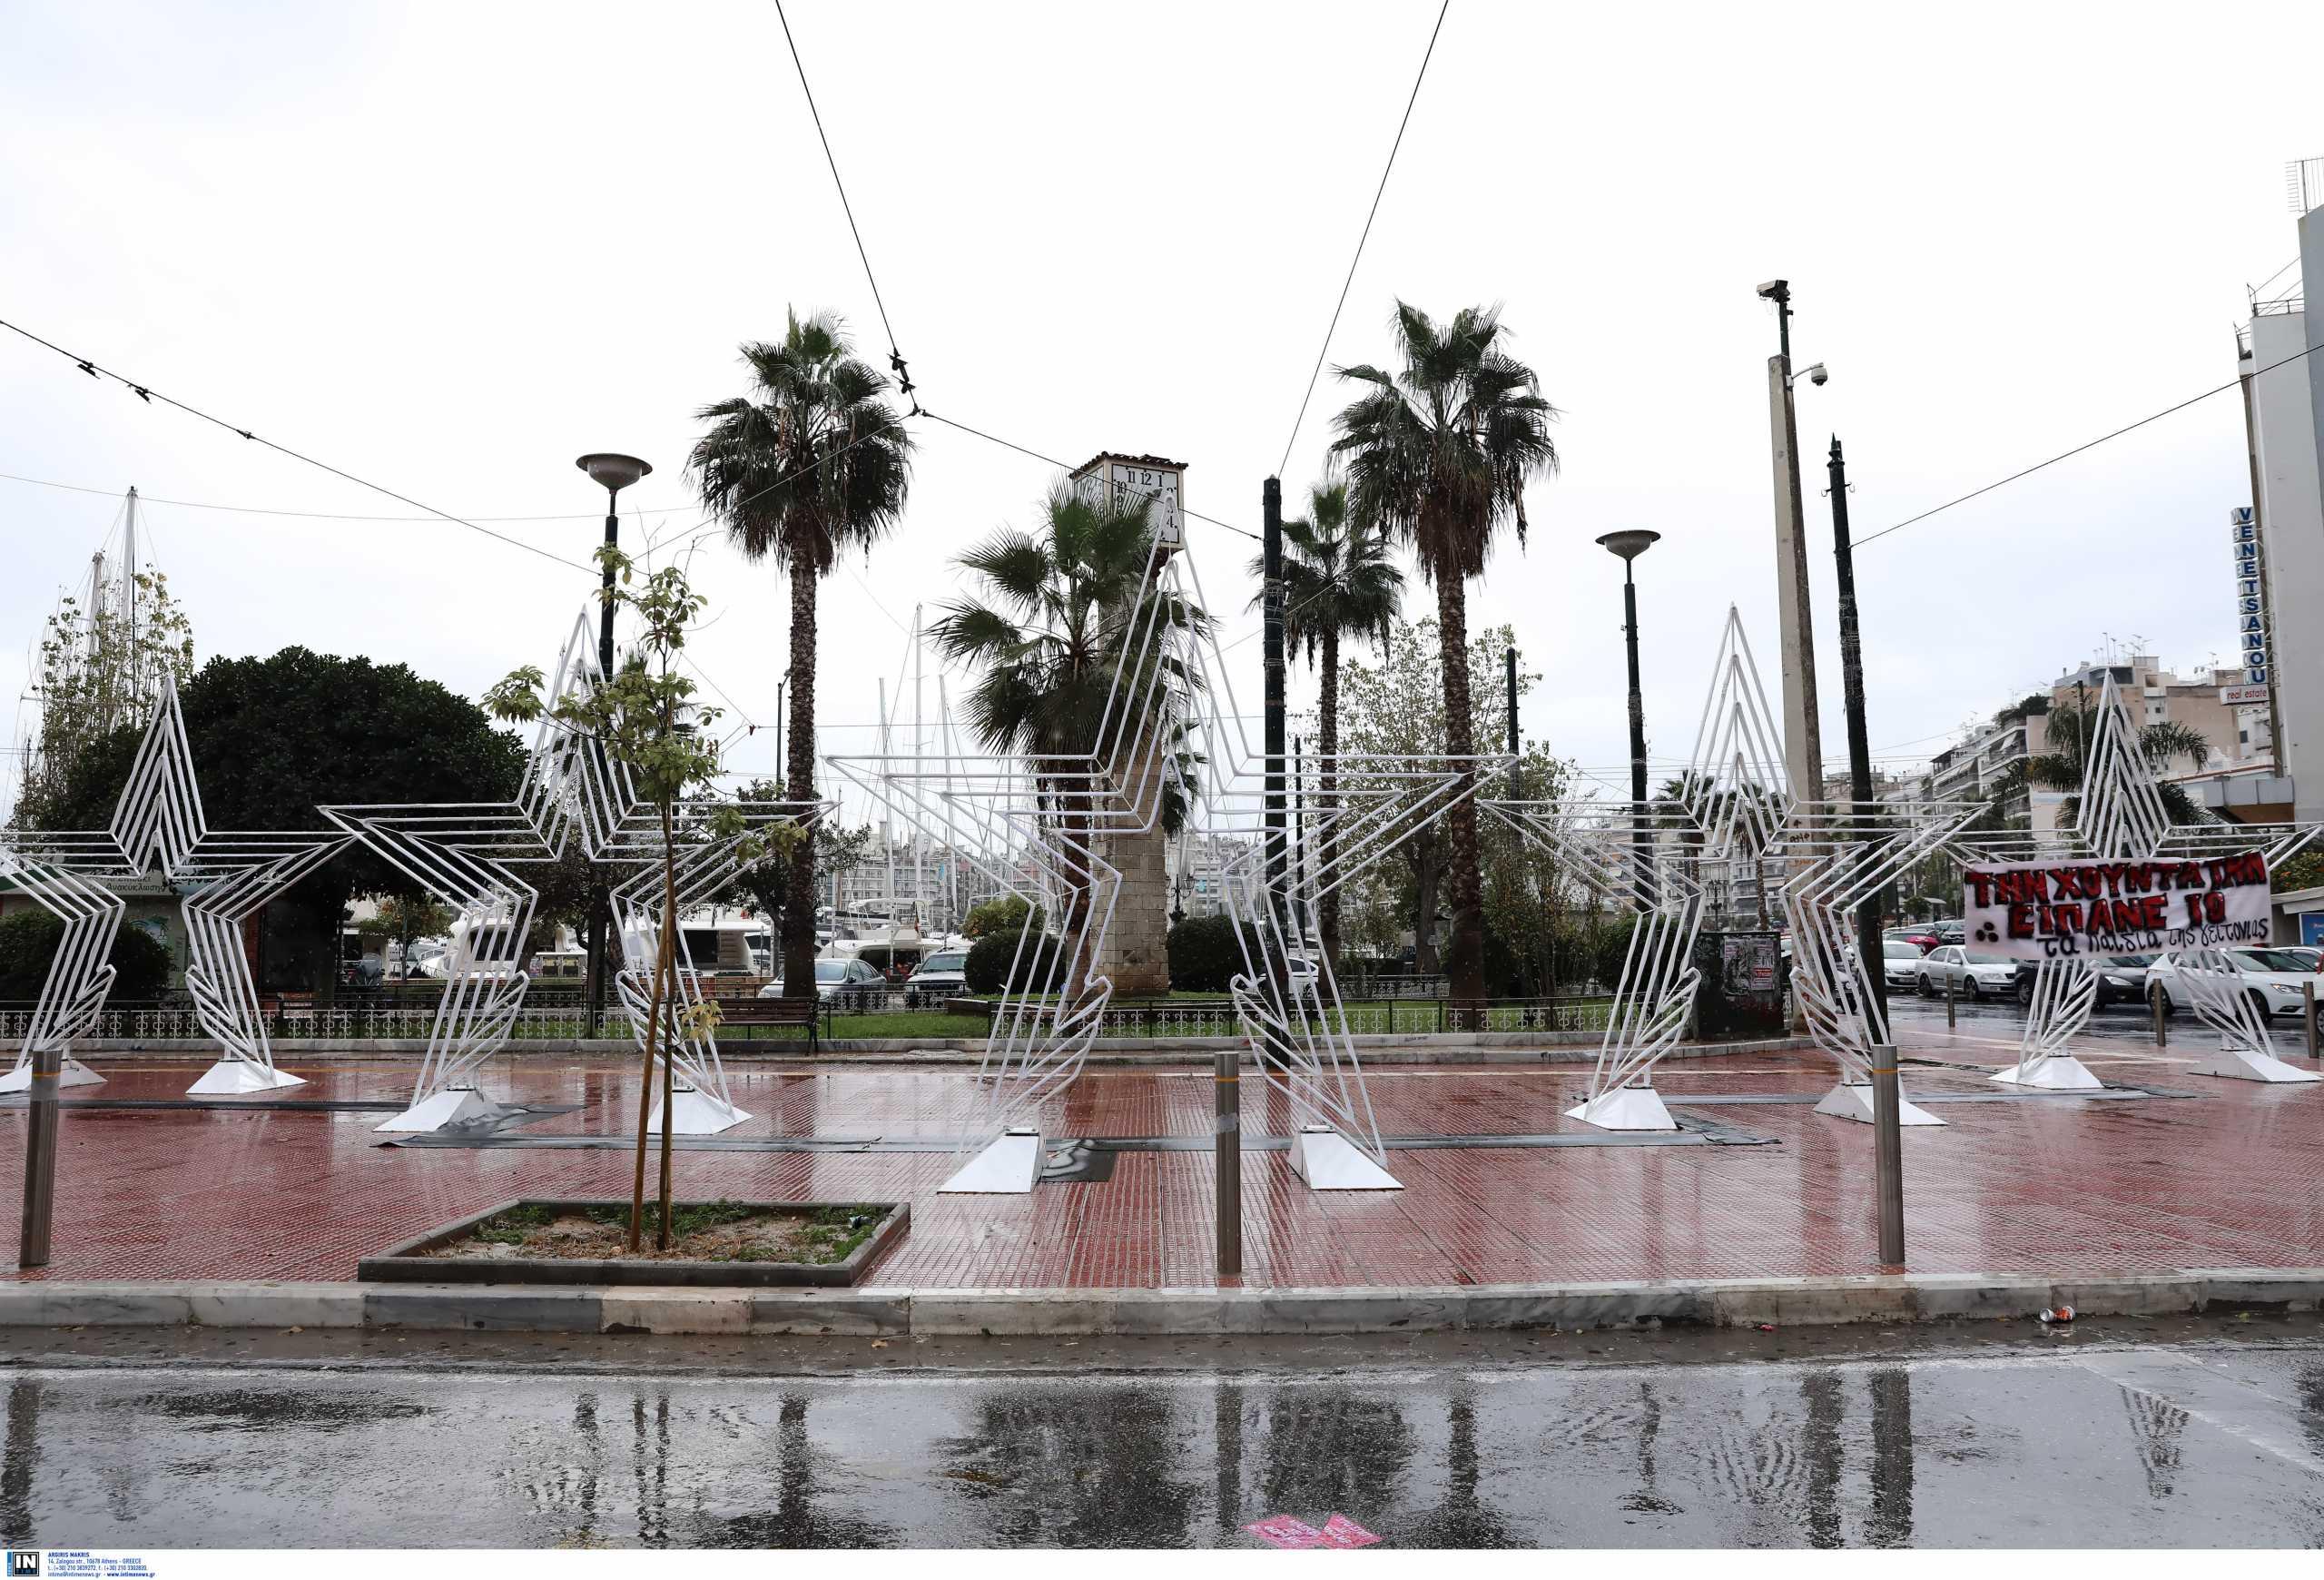 Καιρός: Καλή εβδομάδα με καταιγίδα στην Αττική – Πότε θα υποχωρήσει η κακοκαιρία